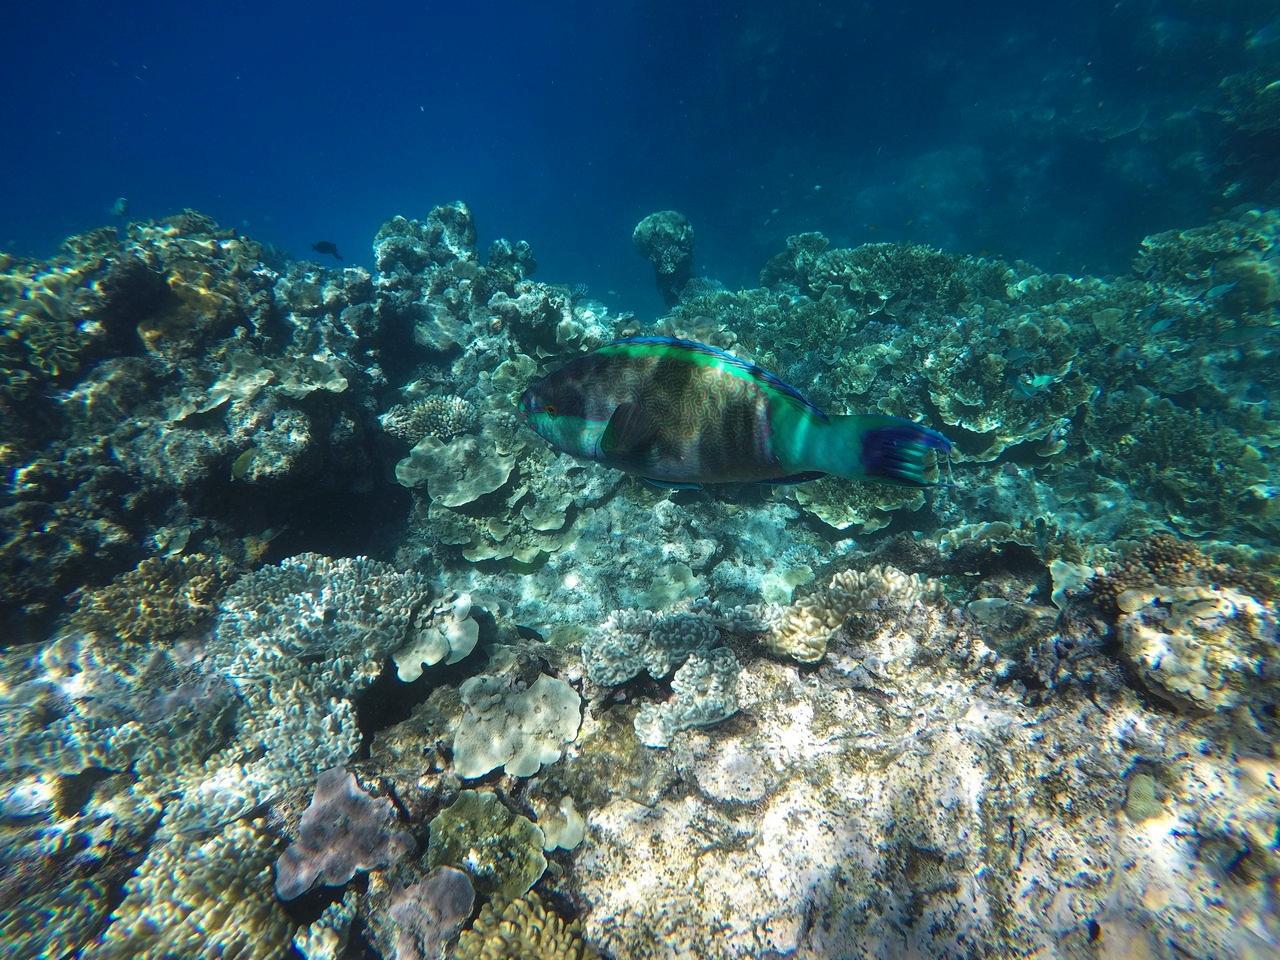 Peces de colores en la Gran Barrera de Coral.